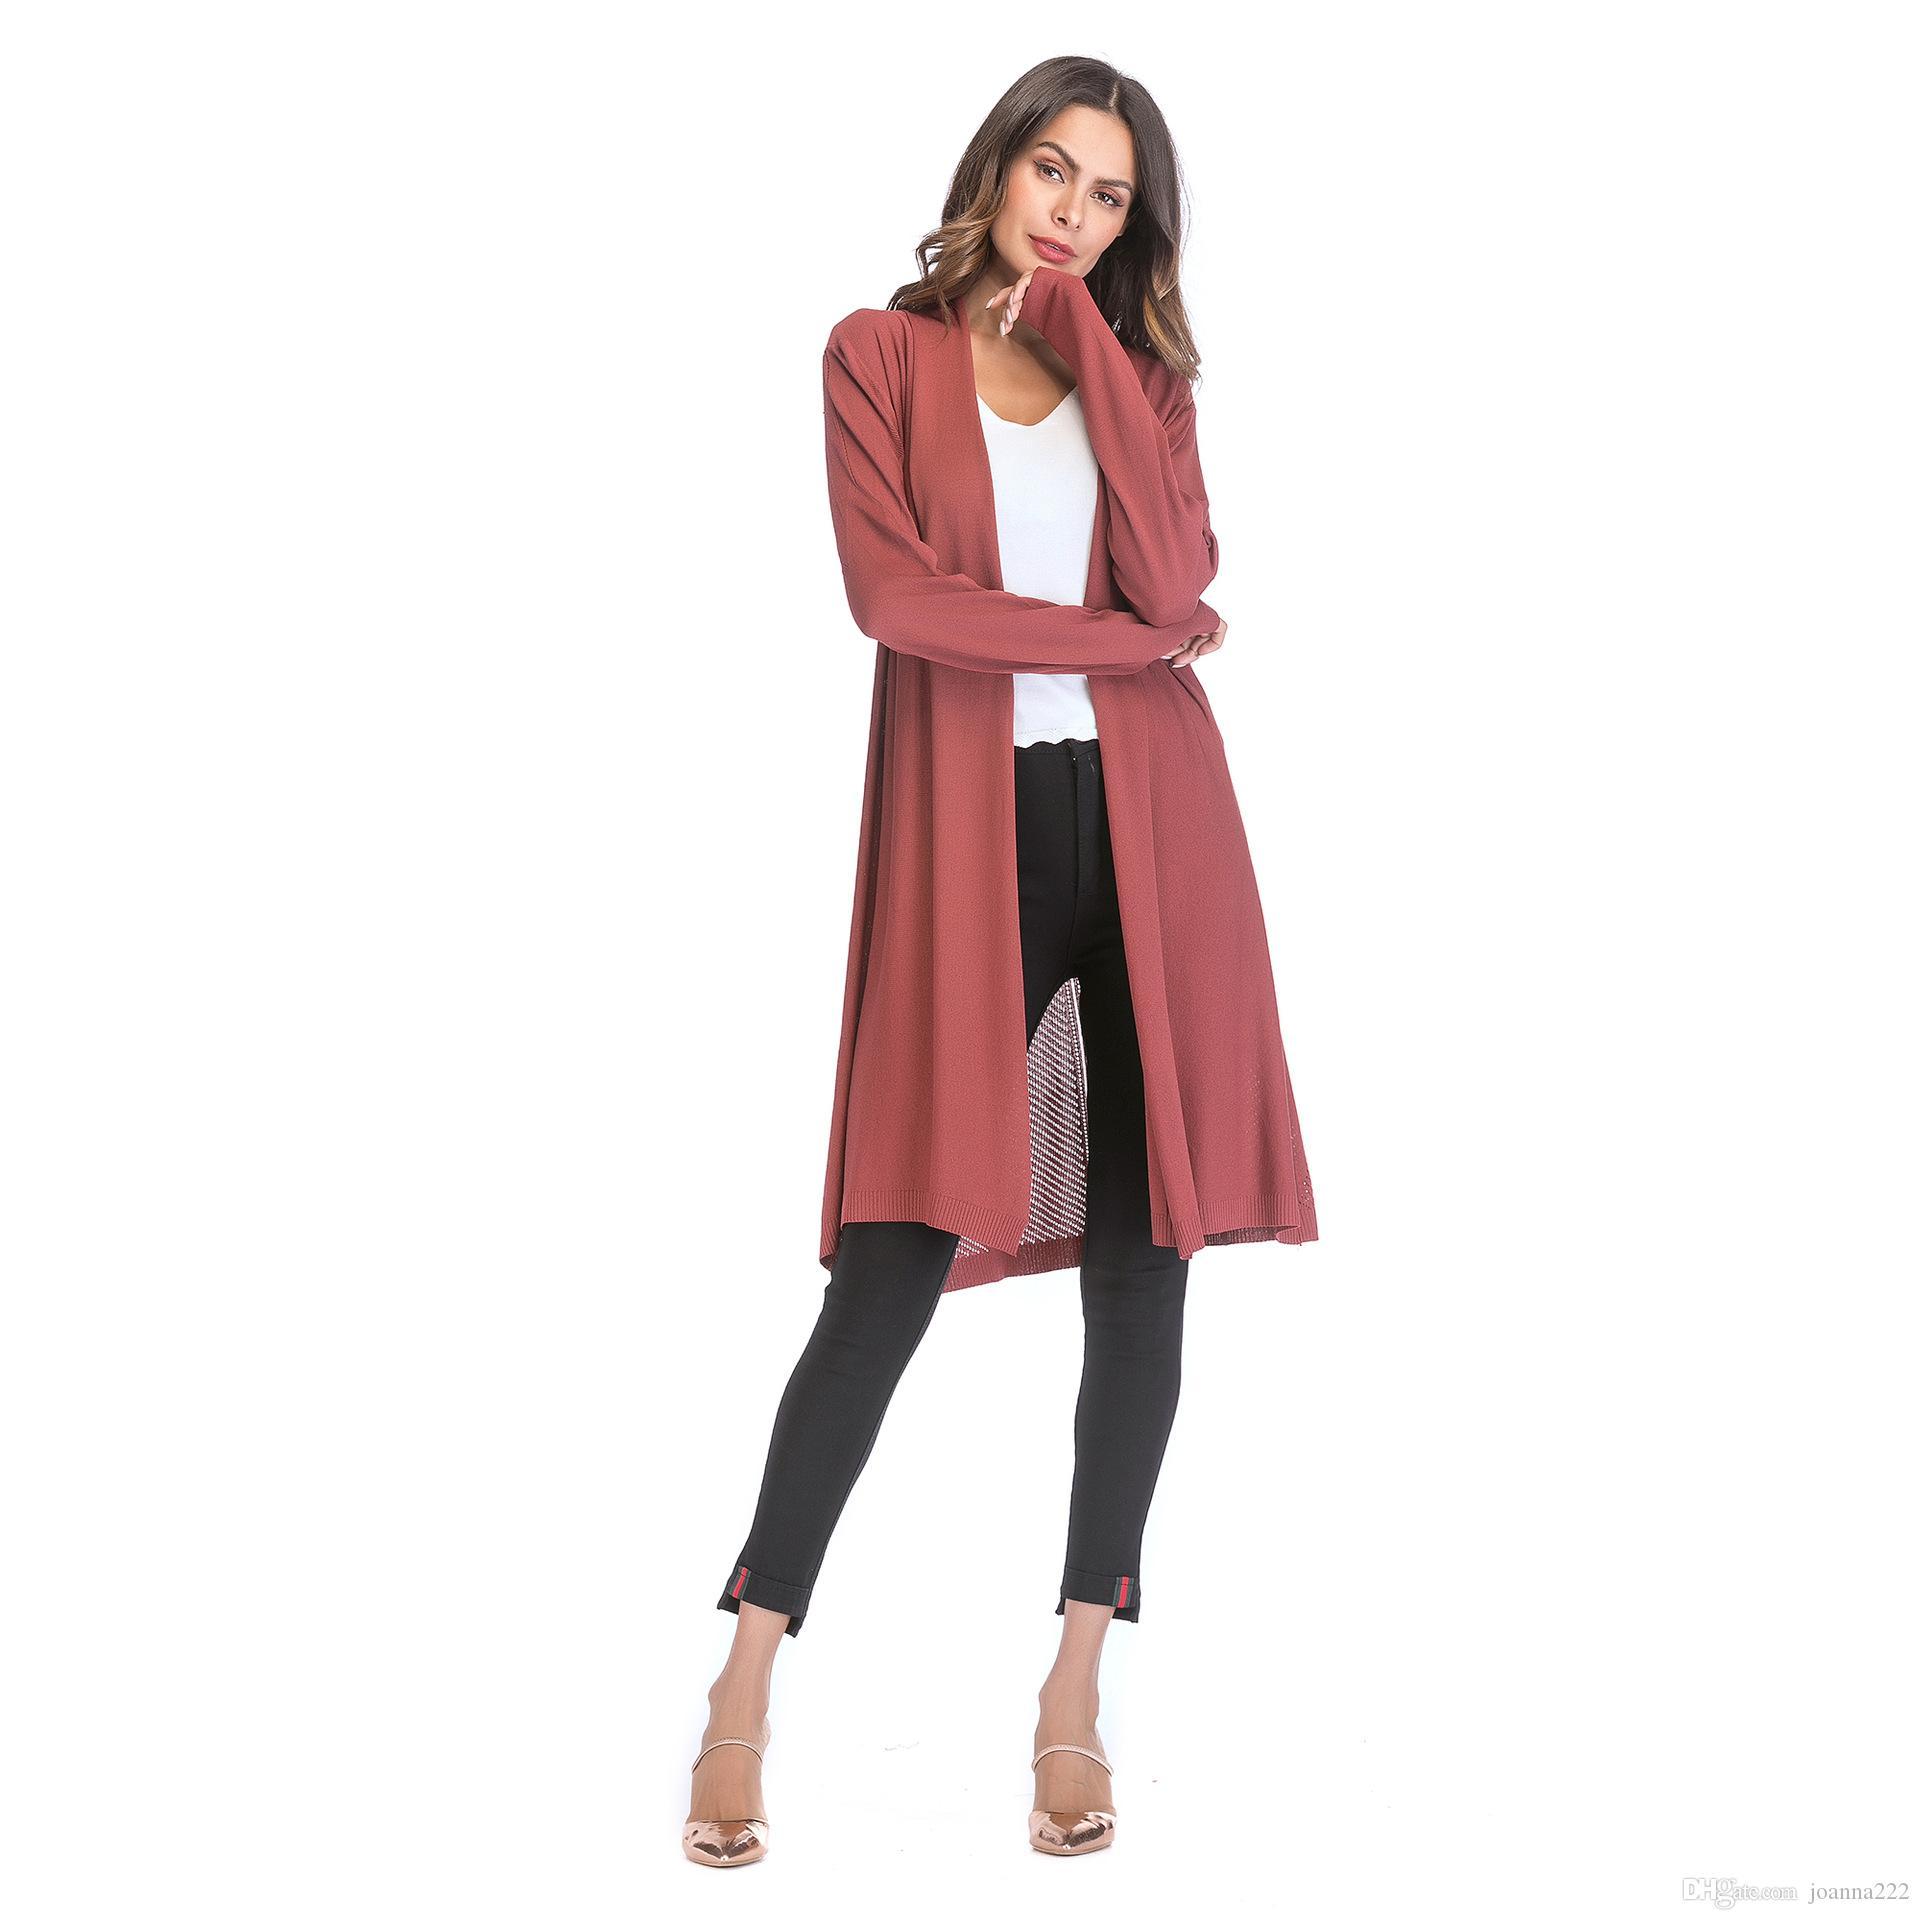 2018 осень горячая женская тонкий раздел полые свитер Свитер сплошной цвет драпировка воротник кардиган пальто четыре цвета